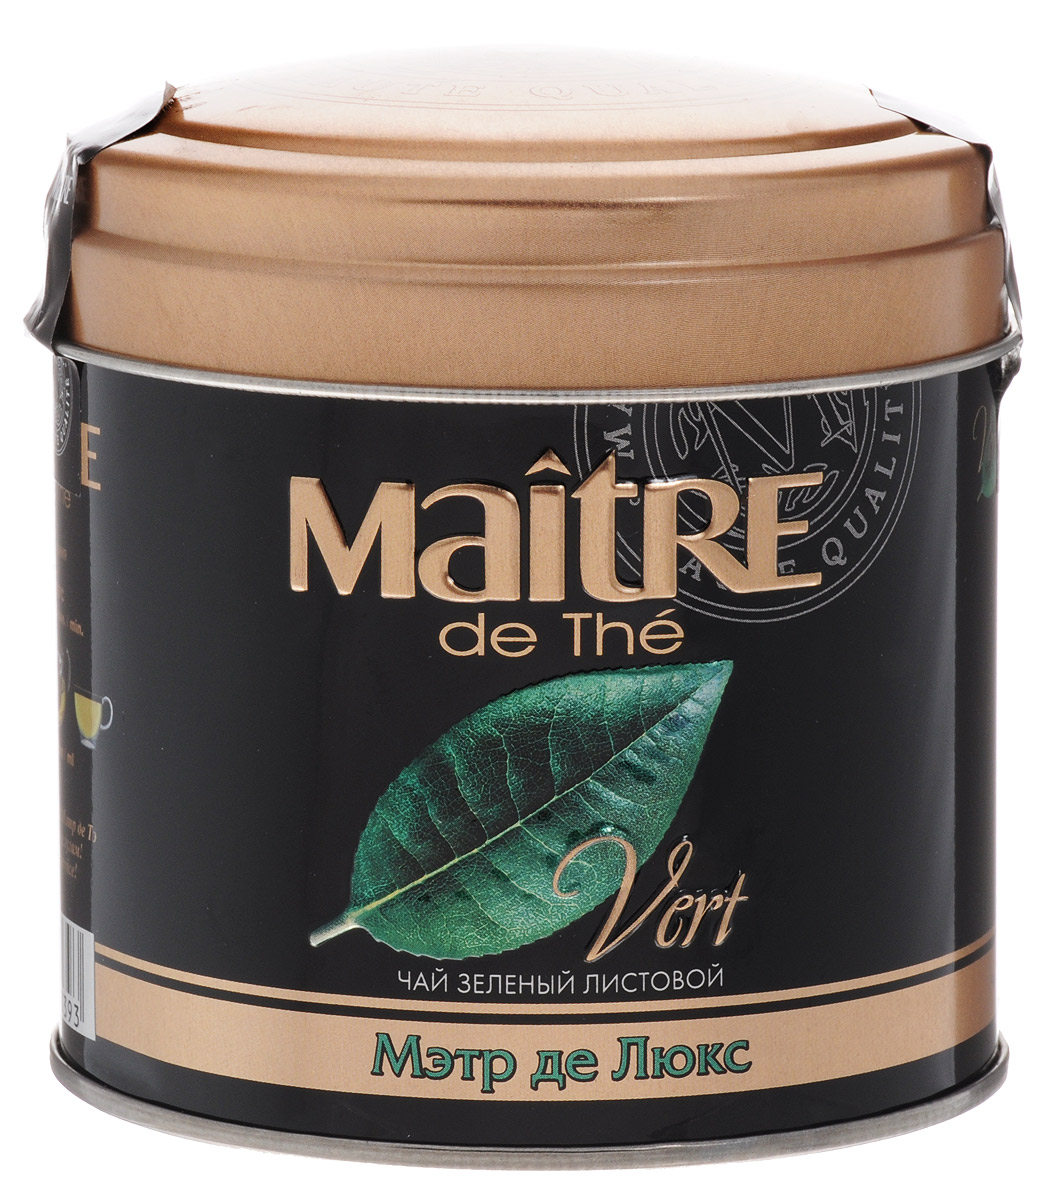 Фото Maitre de The Де Люкс зеленый листовой чай, 65 г (жестяная банка). Купить  в РФ